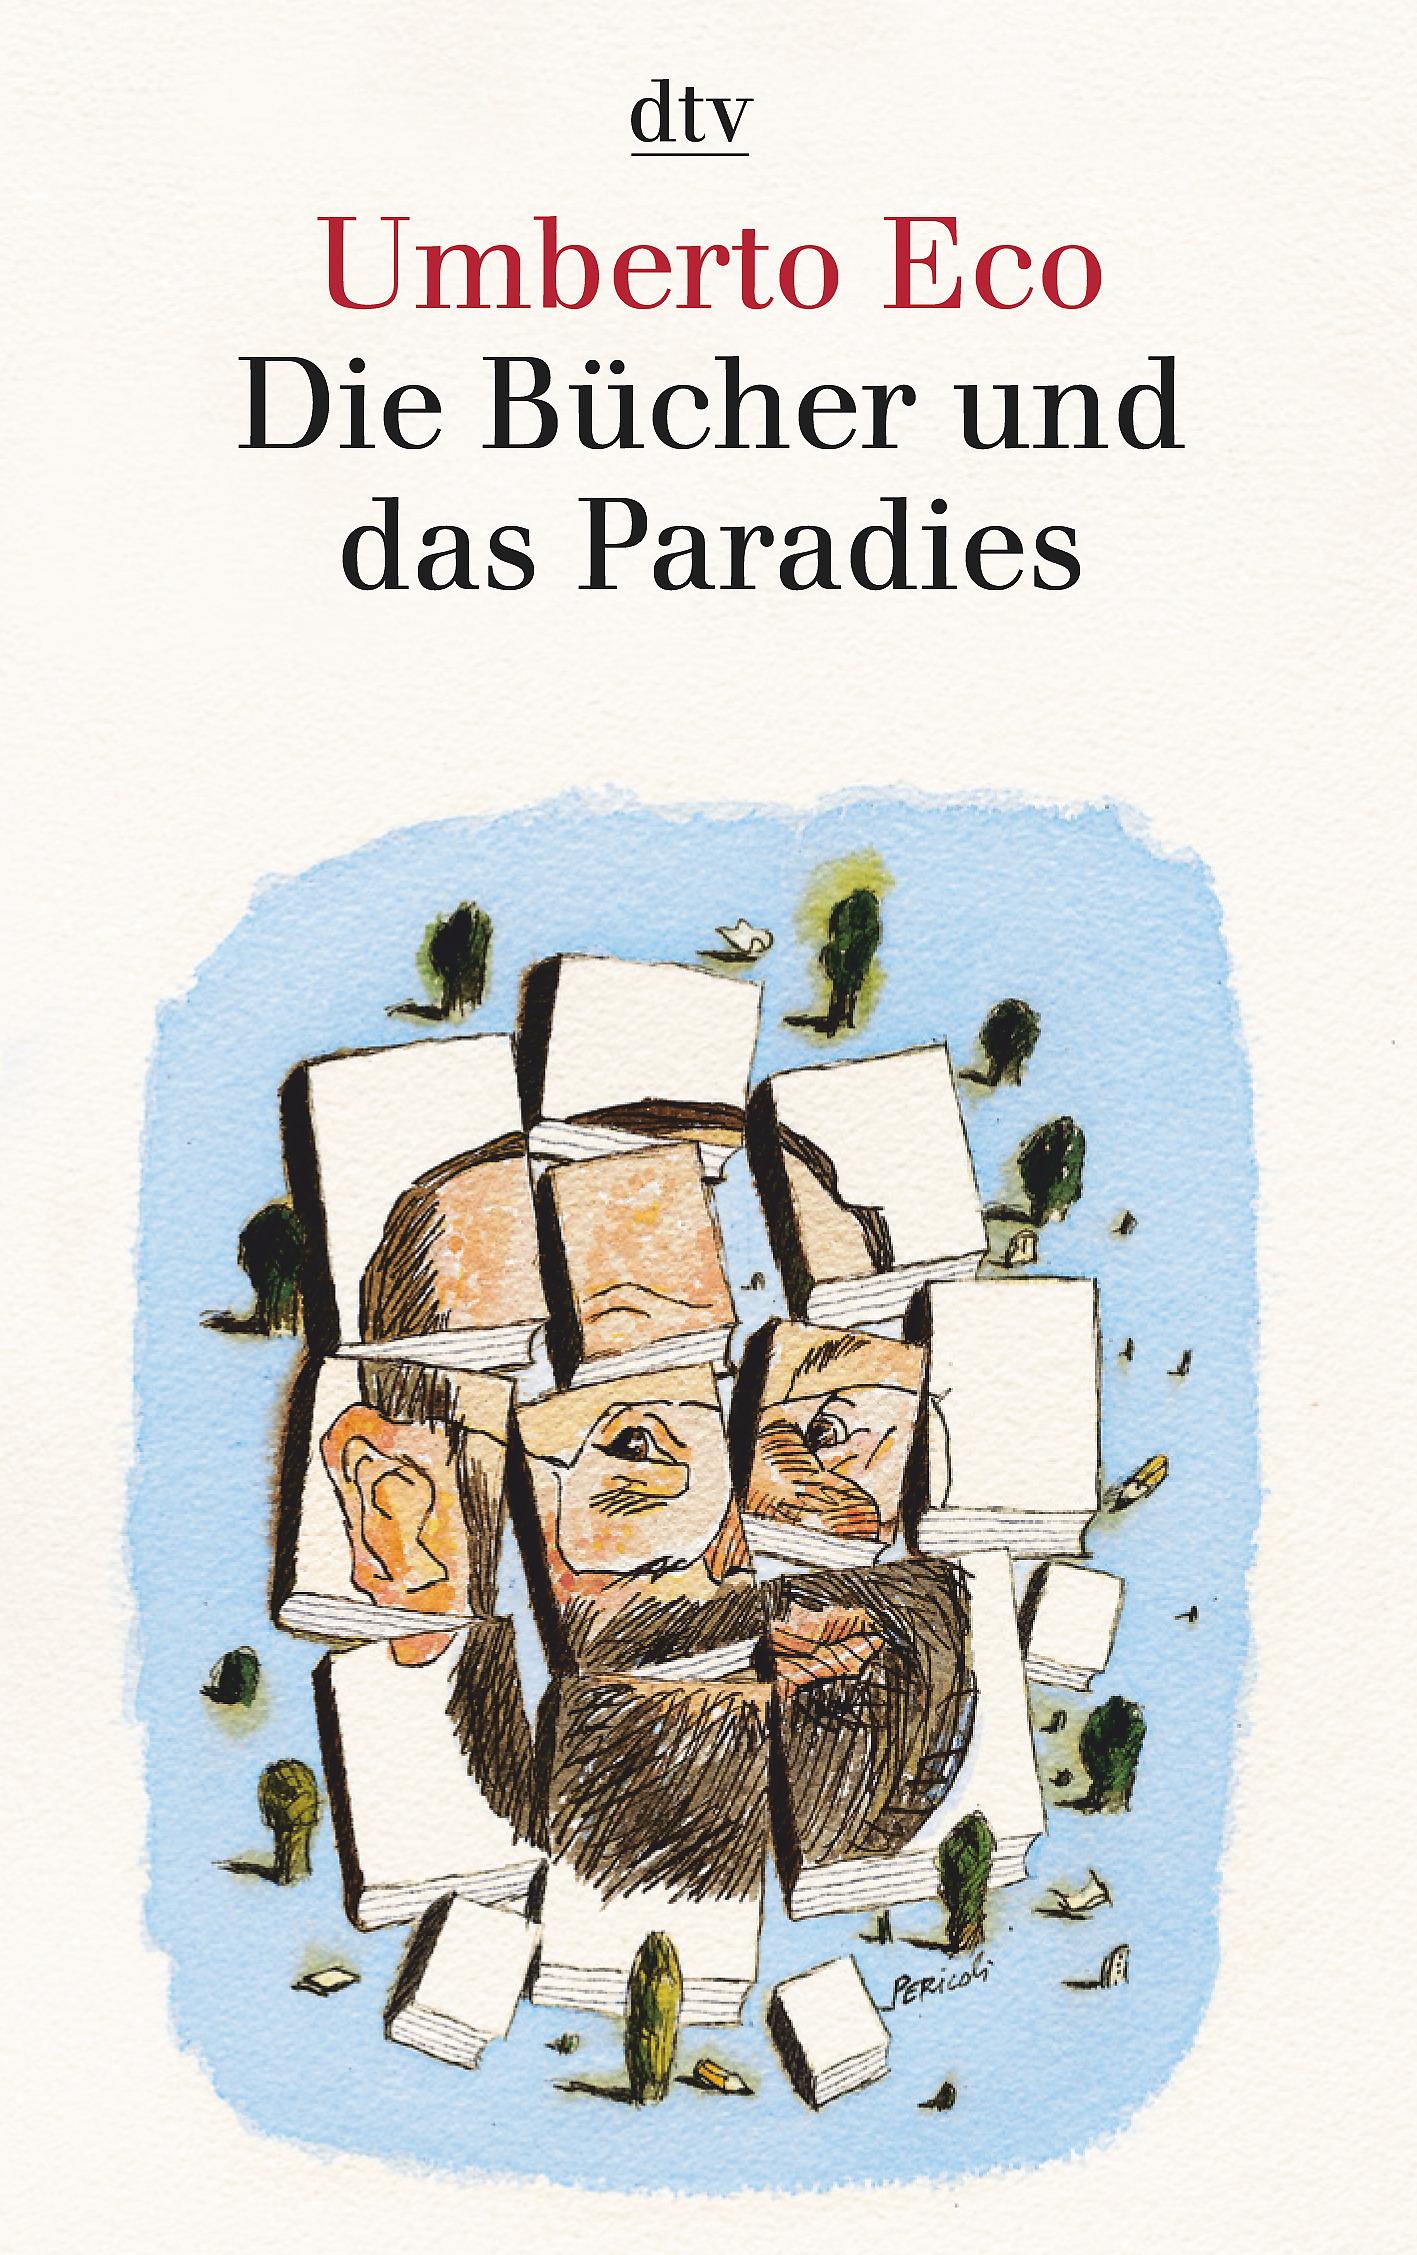 Die Bücher und das Paradies | Umberto Eco |  9783423342766